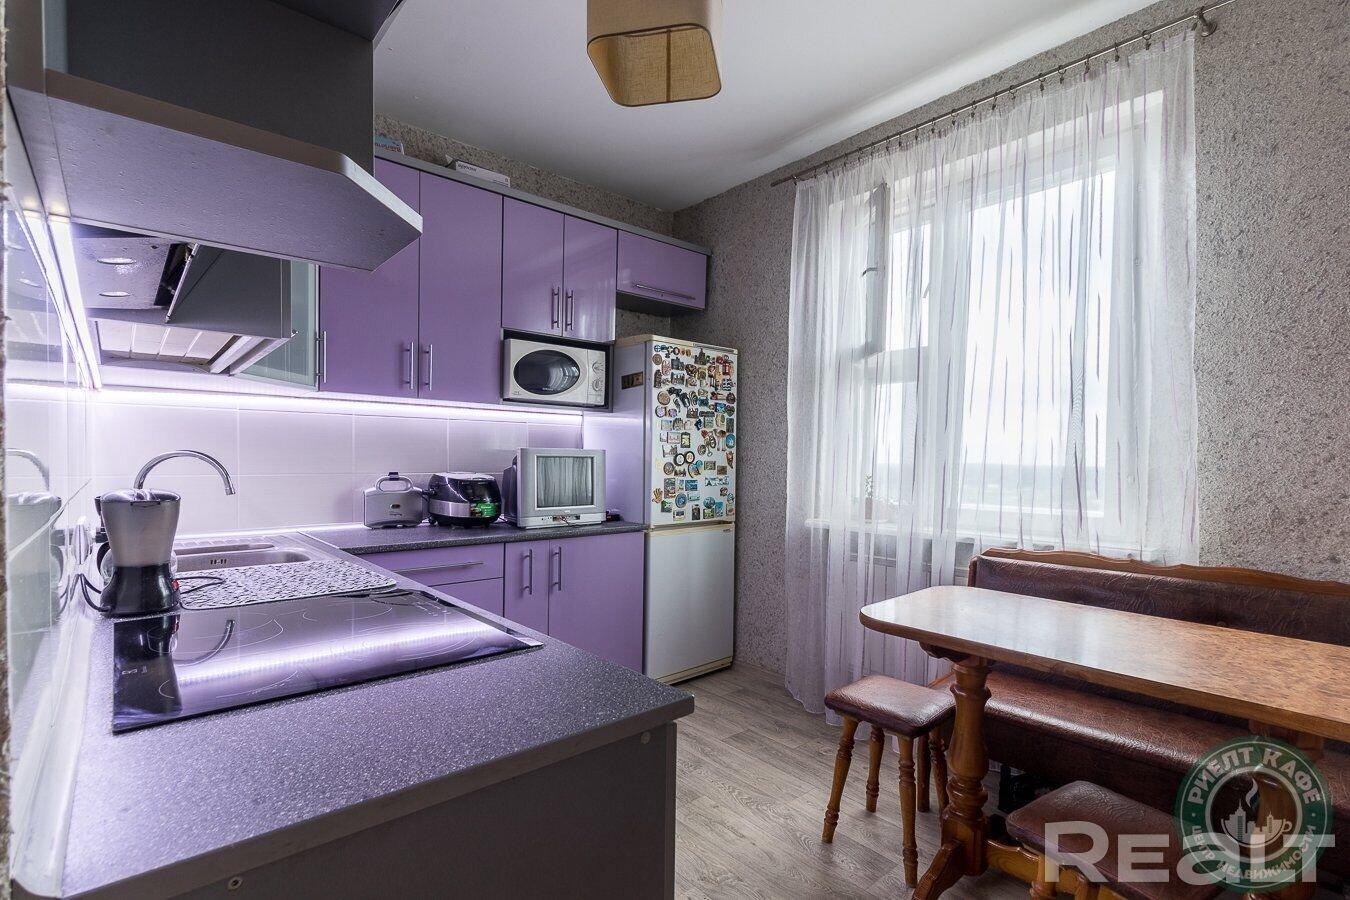 2-комнатная квартира с прекрасным панорамным видом недалеко от метро Уручье!